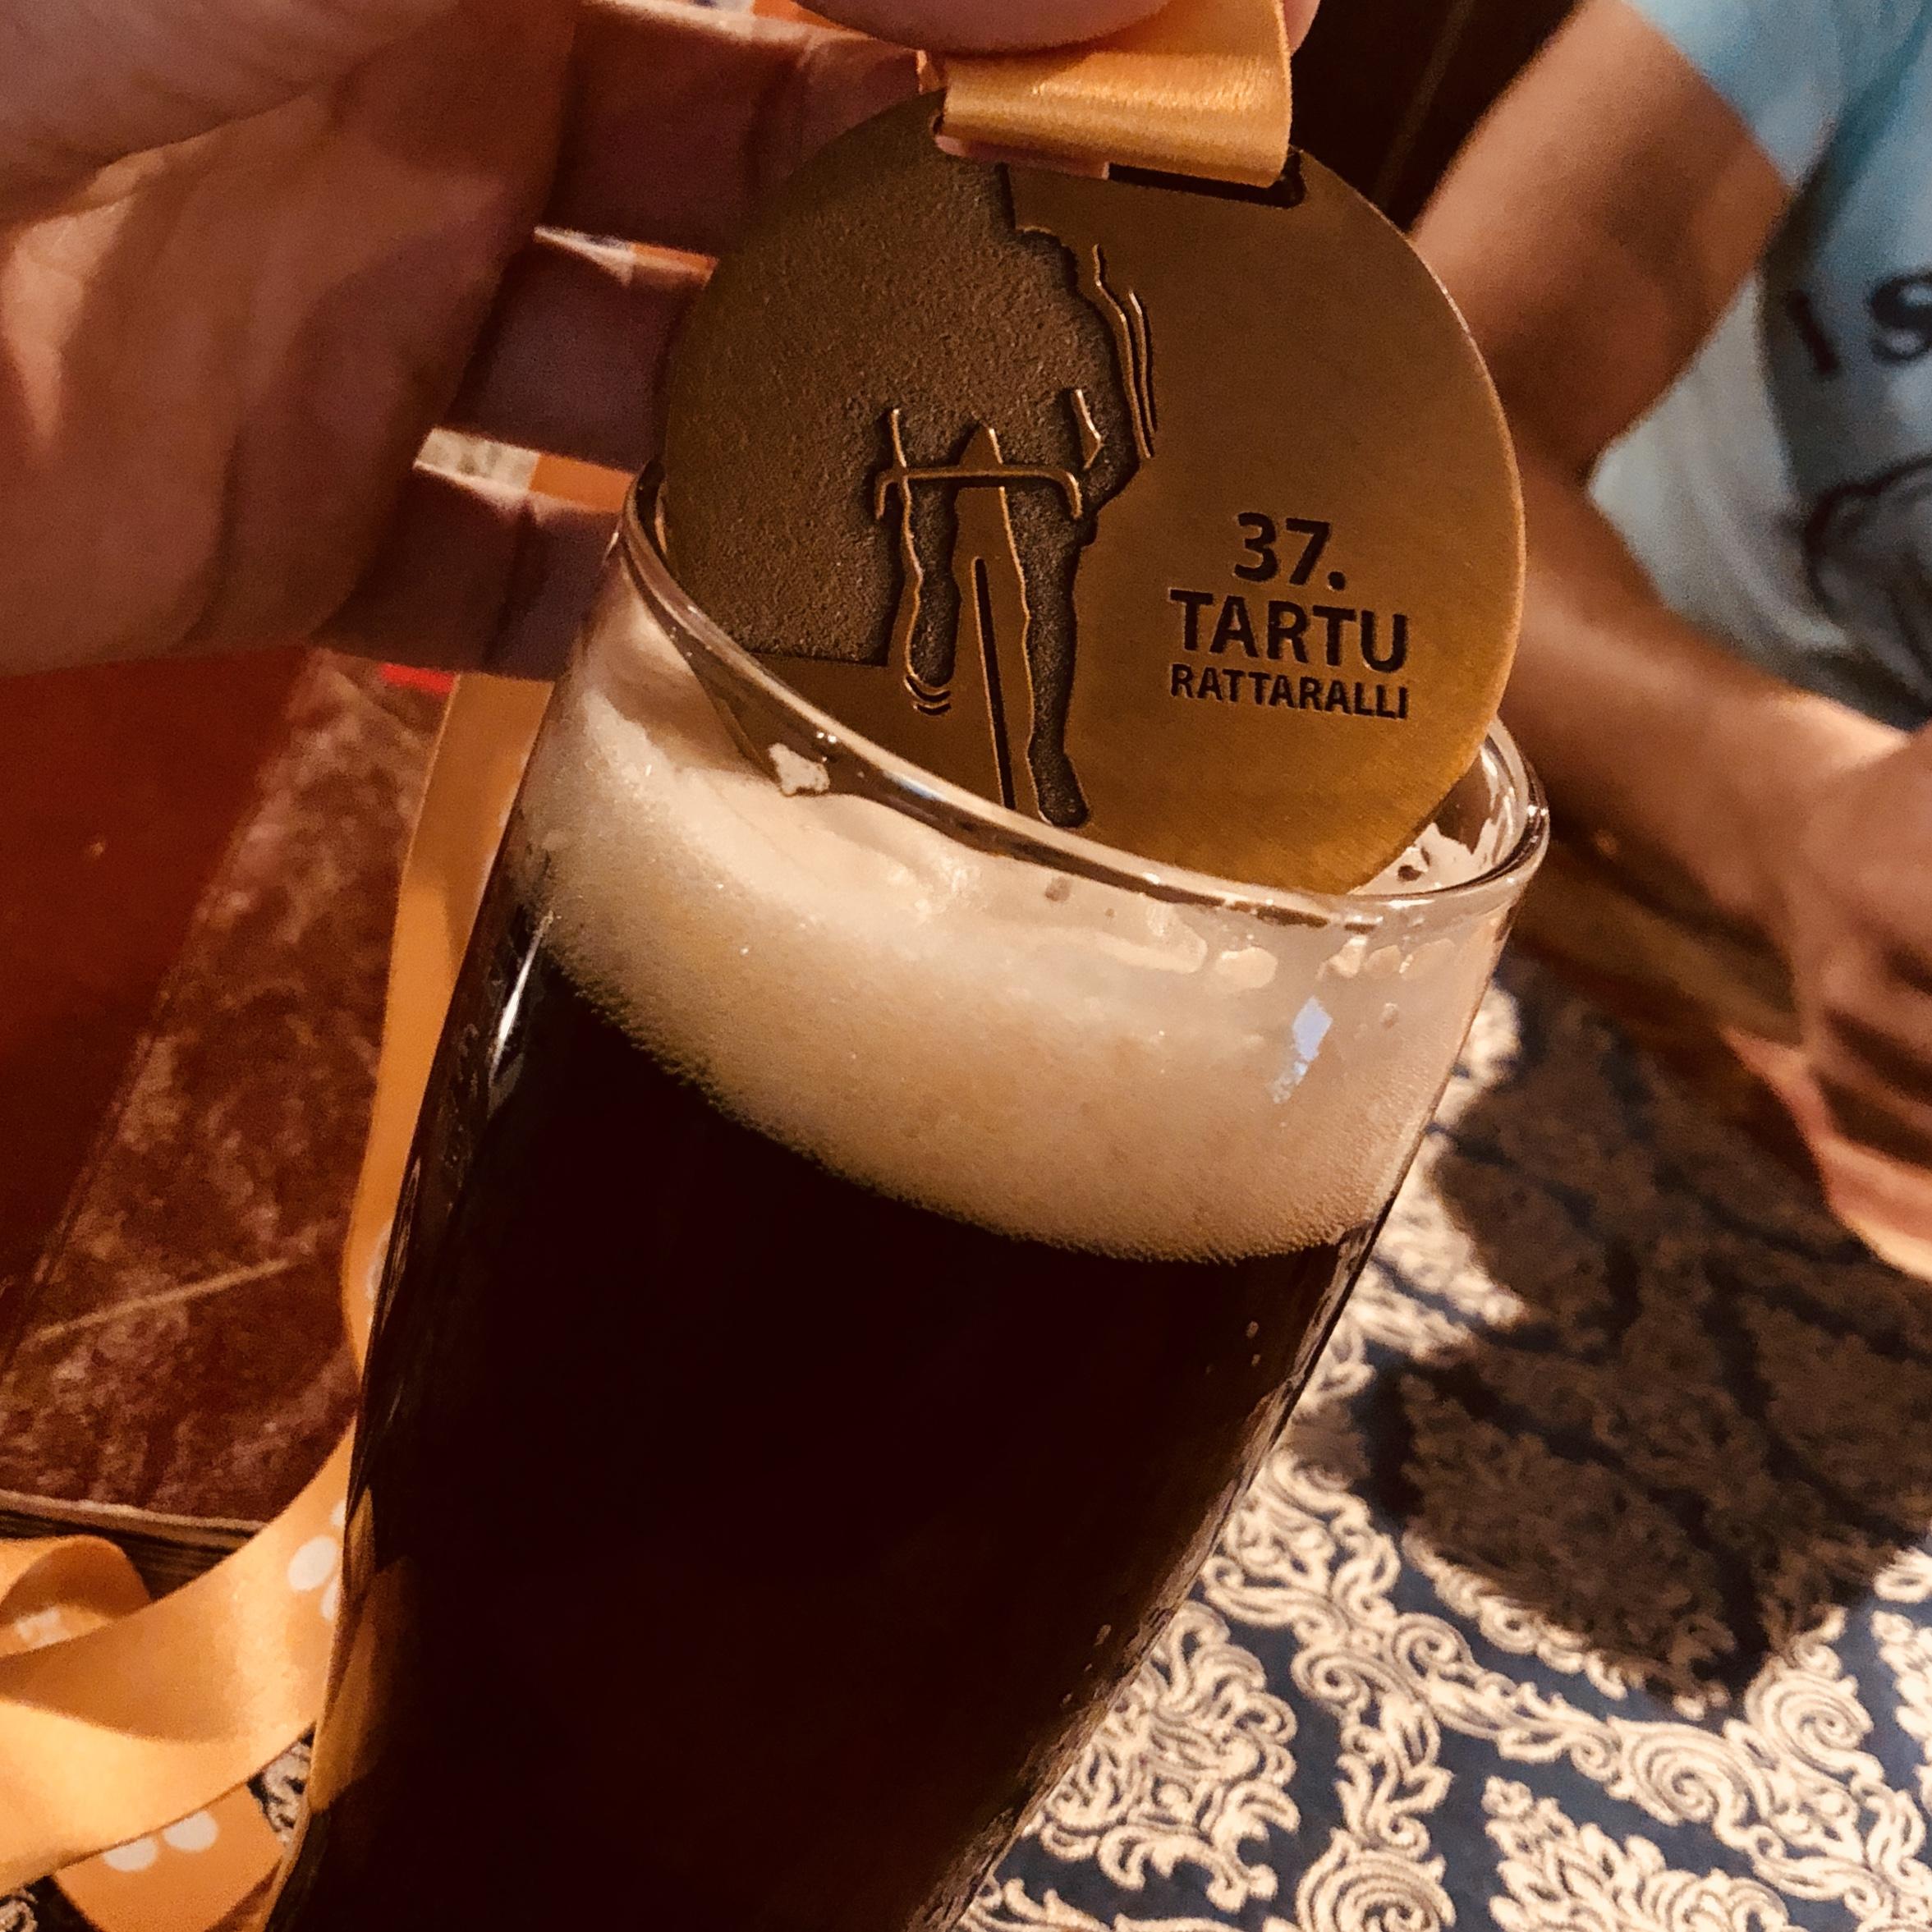 Празднование после Tartu Rattaralli